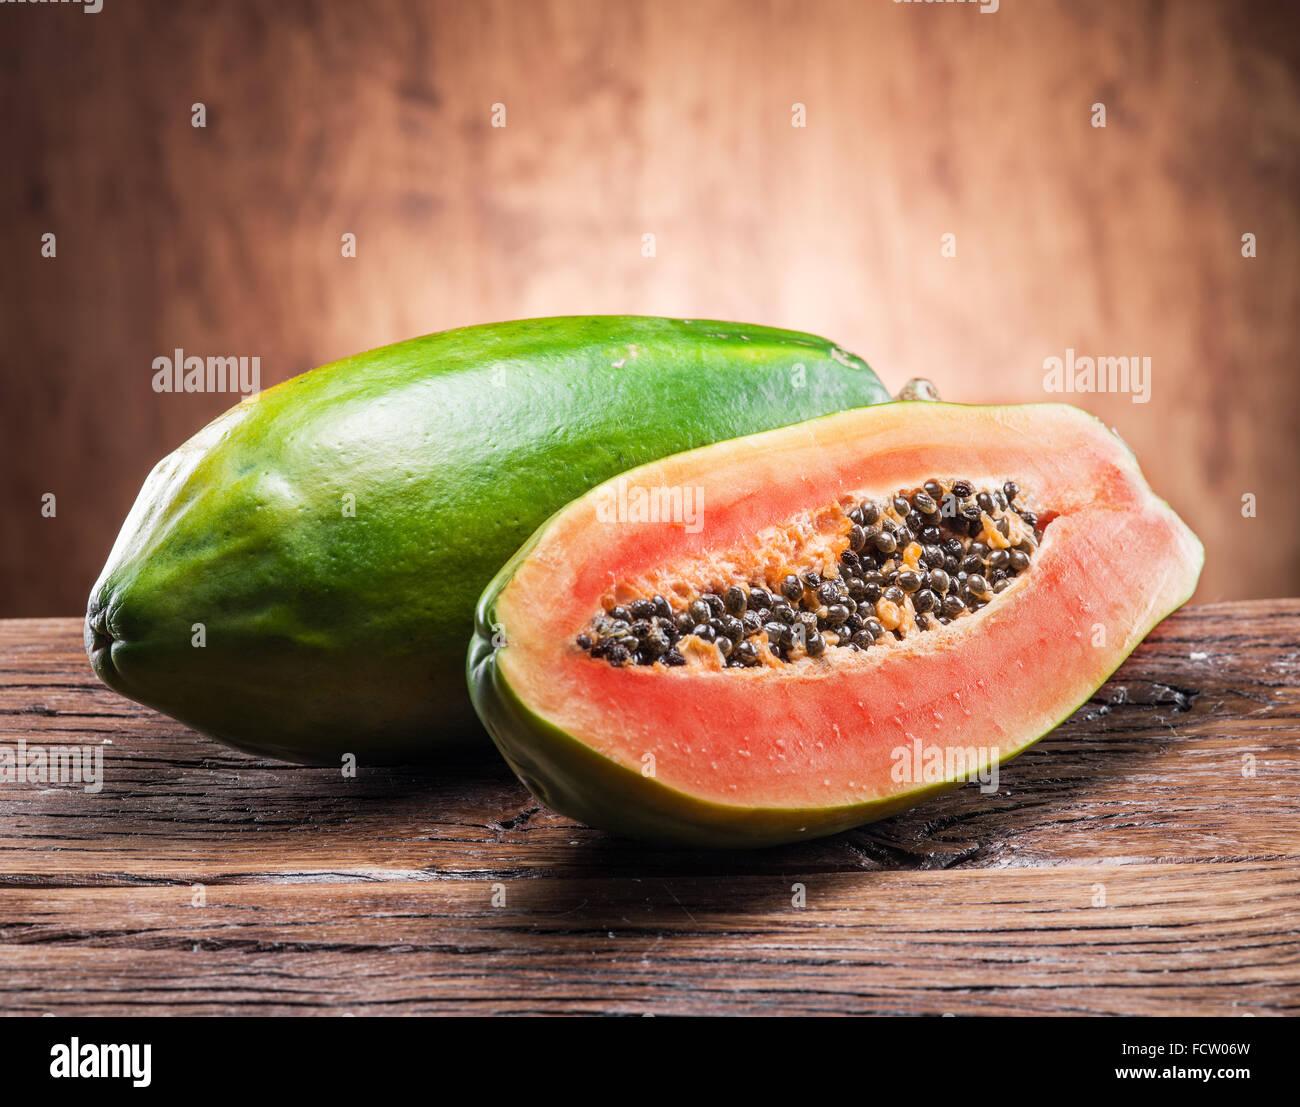 Papaya frutto su sfondo di legno. Immagini Stock